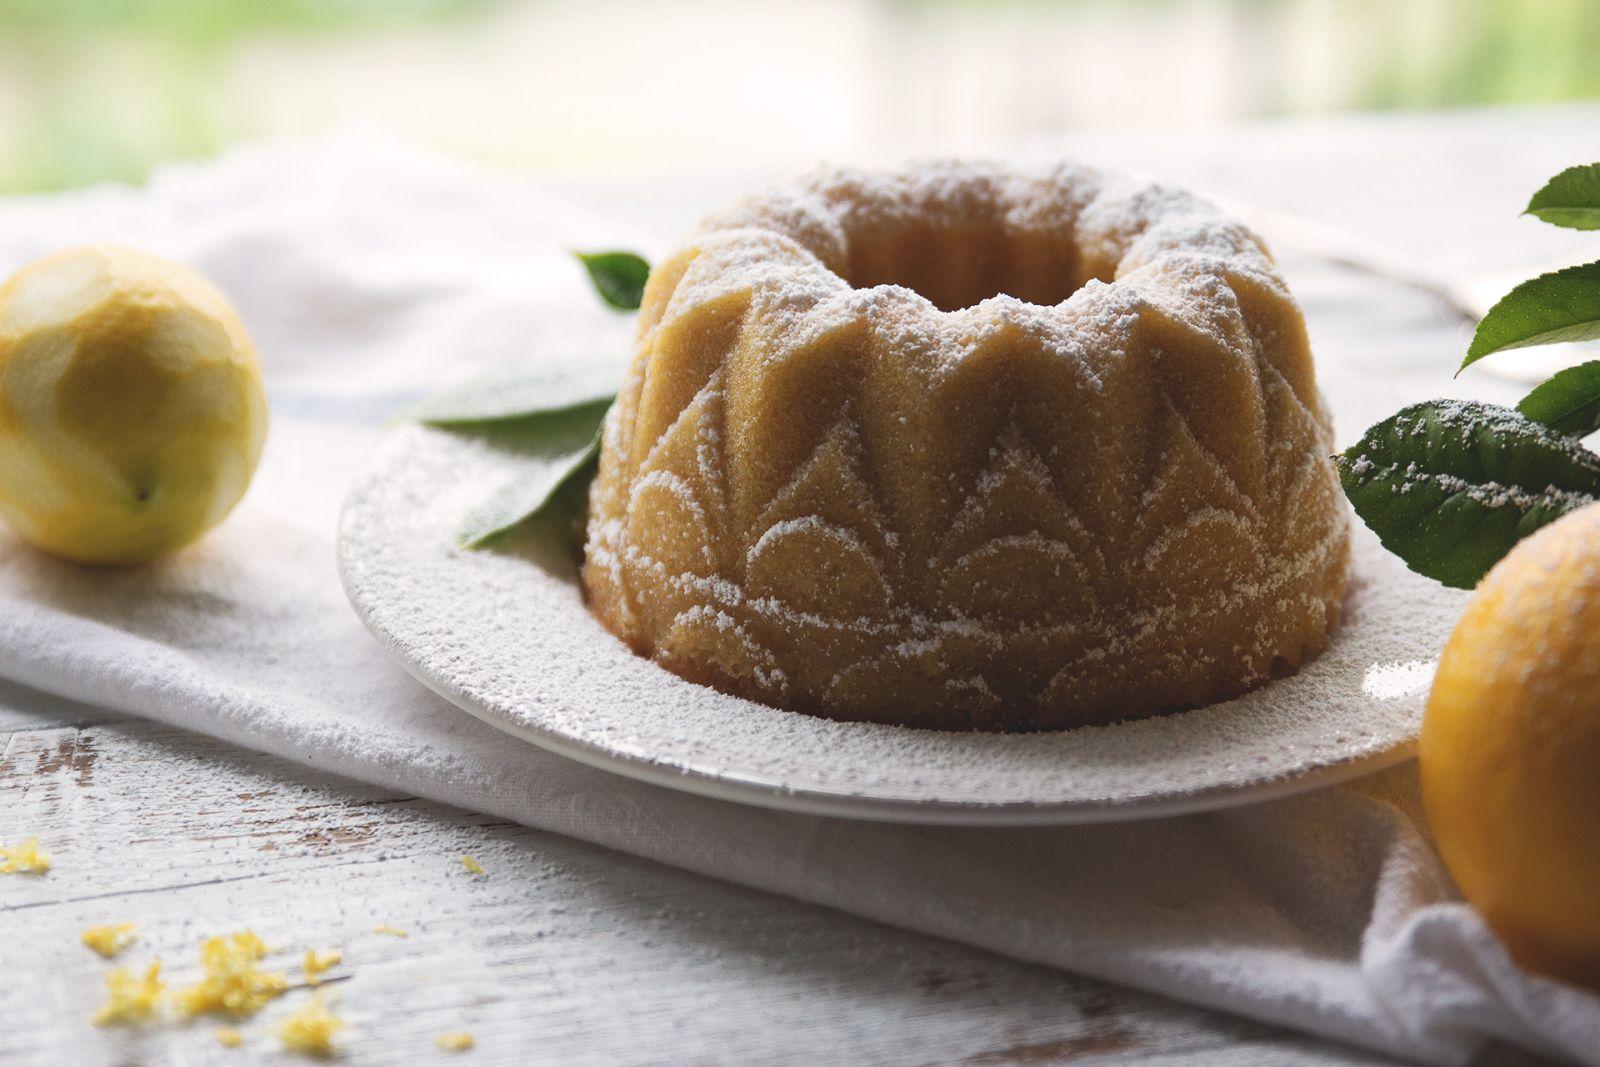 Как приготовить кулич-кекс: пасхальный рецепт - фото №1